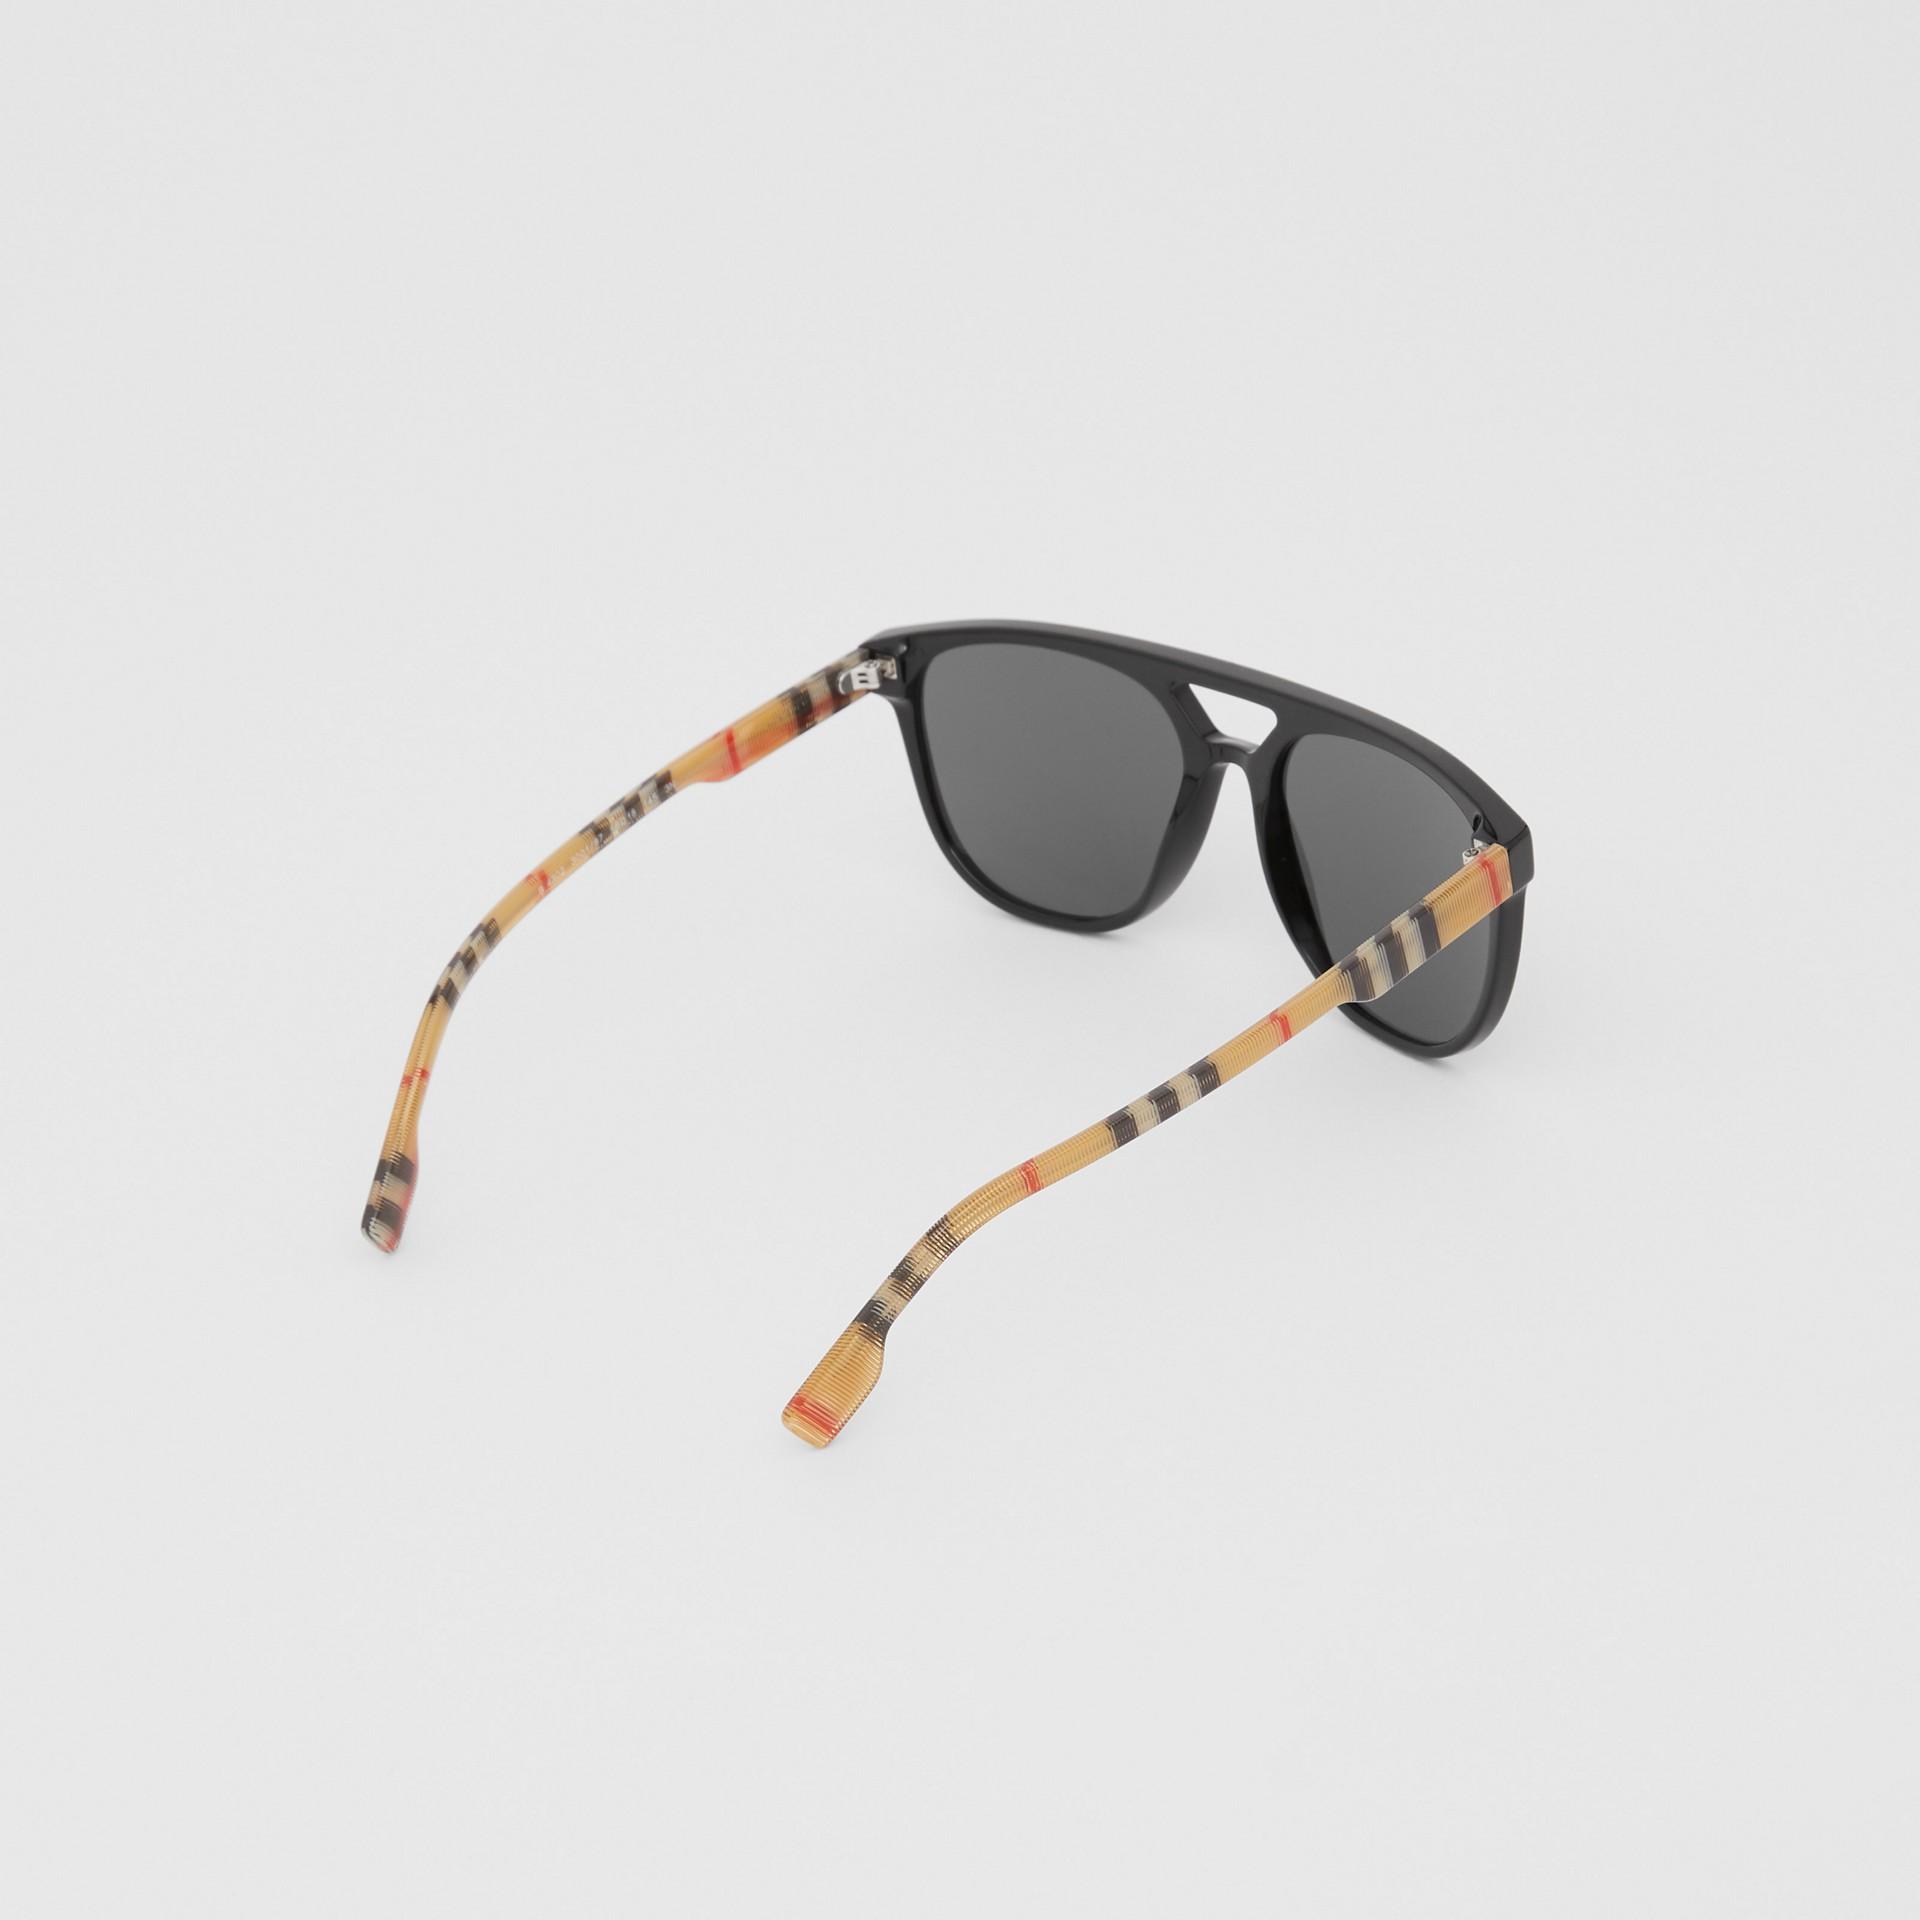 領航員太陽眼鏡 (黑色) - 男款 | Burberry - 圖庫照片 4